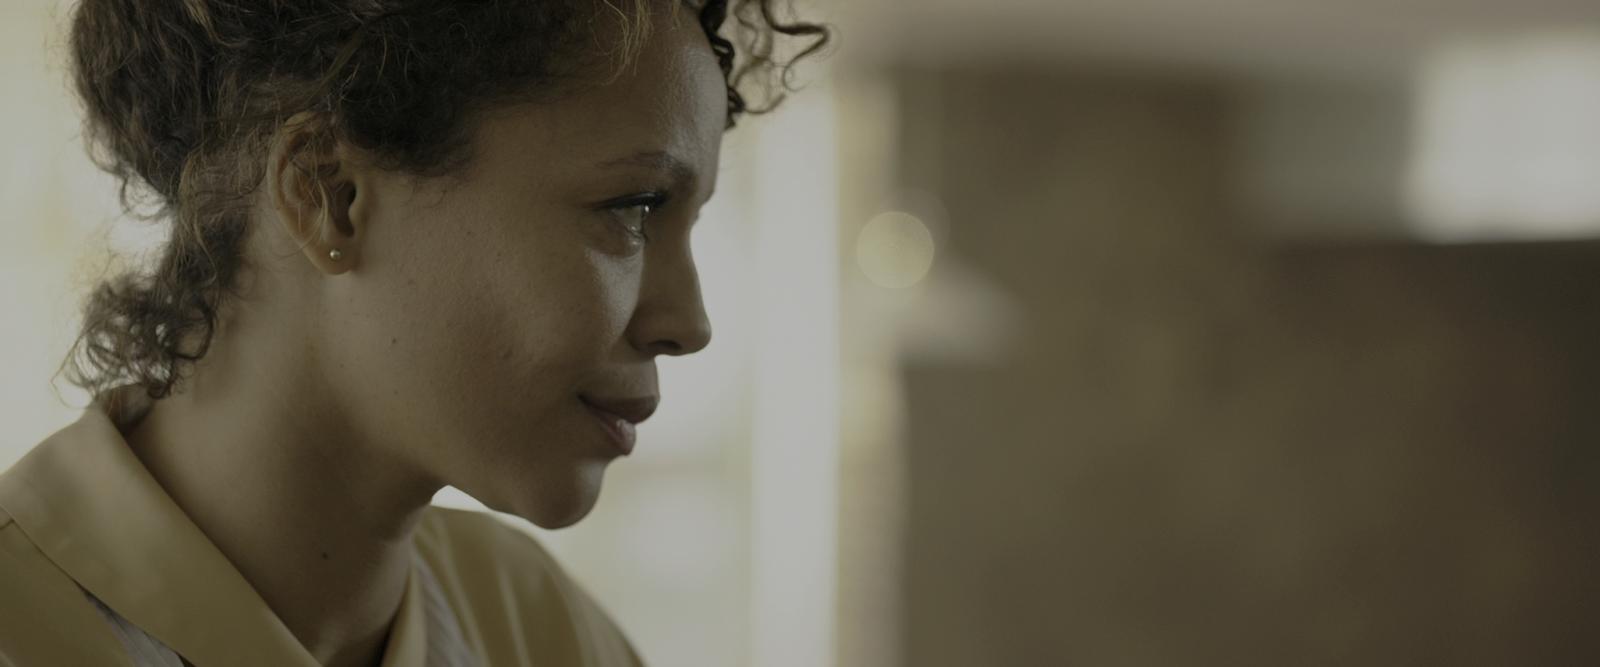 The Purge: 12 Horas para Sobrevivir (2014) 4K UHD [HDR] Latino-Ingles captura 1